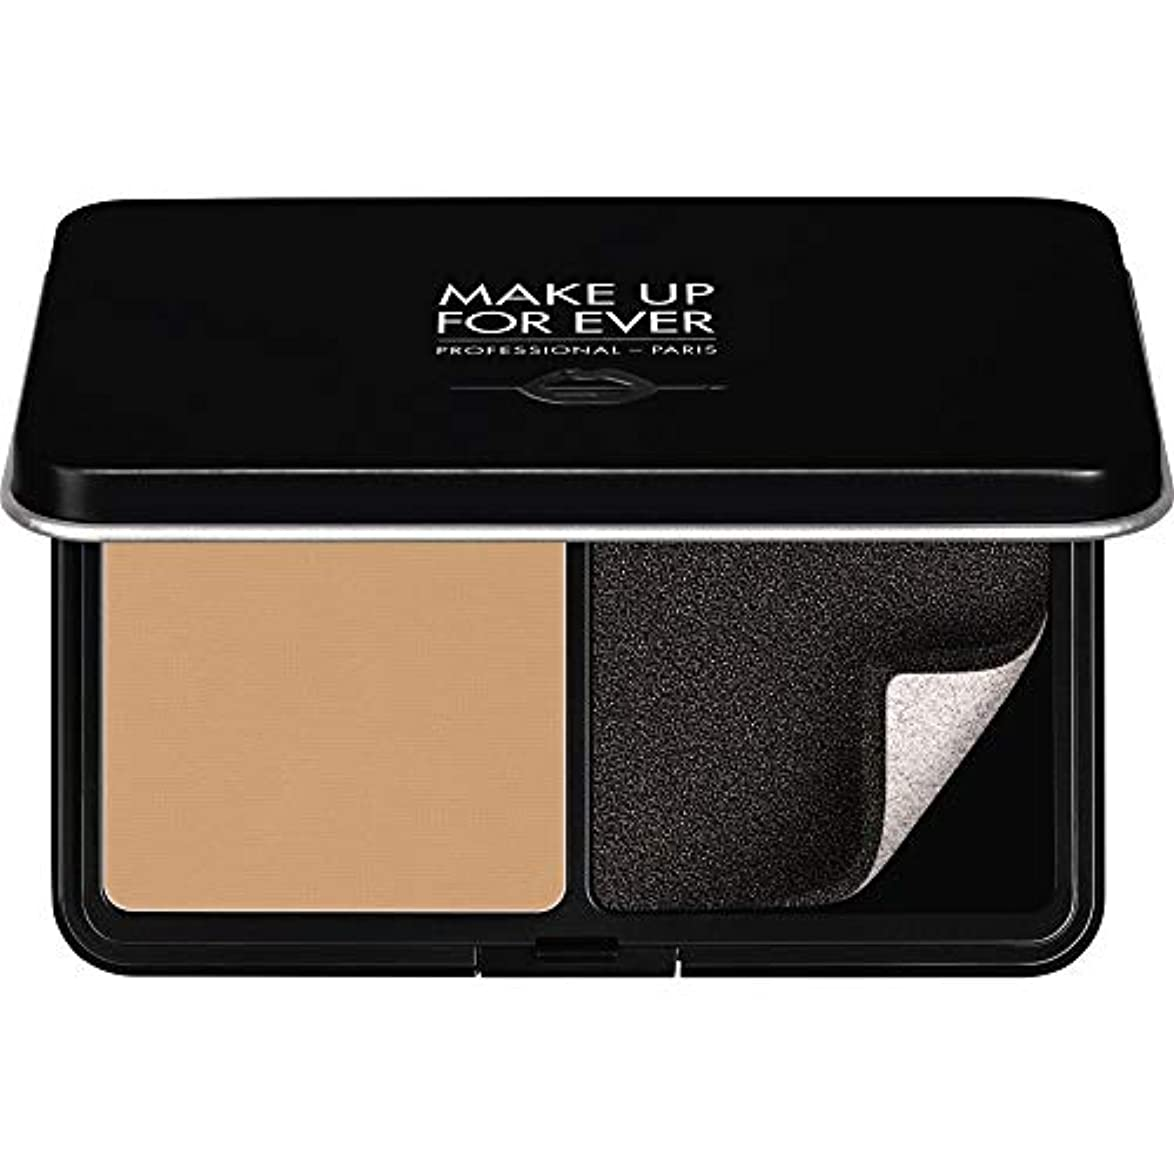 本うねるとティーム[MAKE UP FOR EVER] パウダーファンデーション11GののY315をぼかし、これまでマットベルベットの肌を補う - 砂 - MAKE UP FOR EVER Matte Velvet Skin Blurring Powder Foundation 11g Y315 - Sand [並行輸入品]